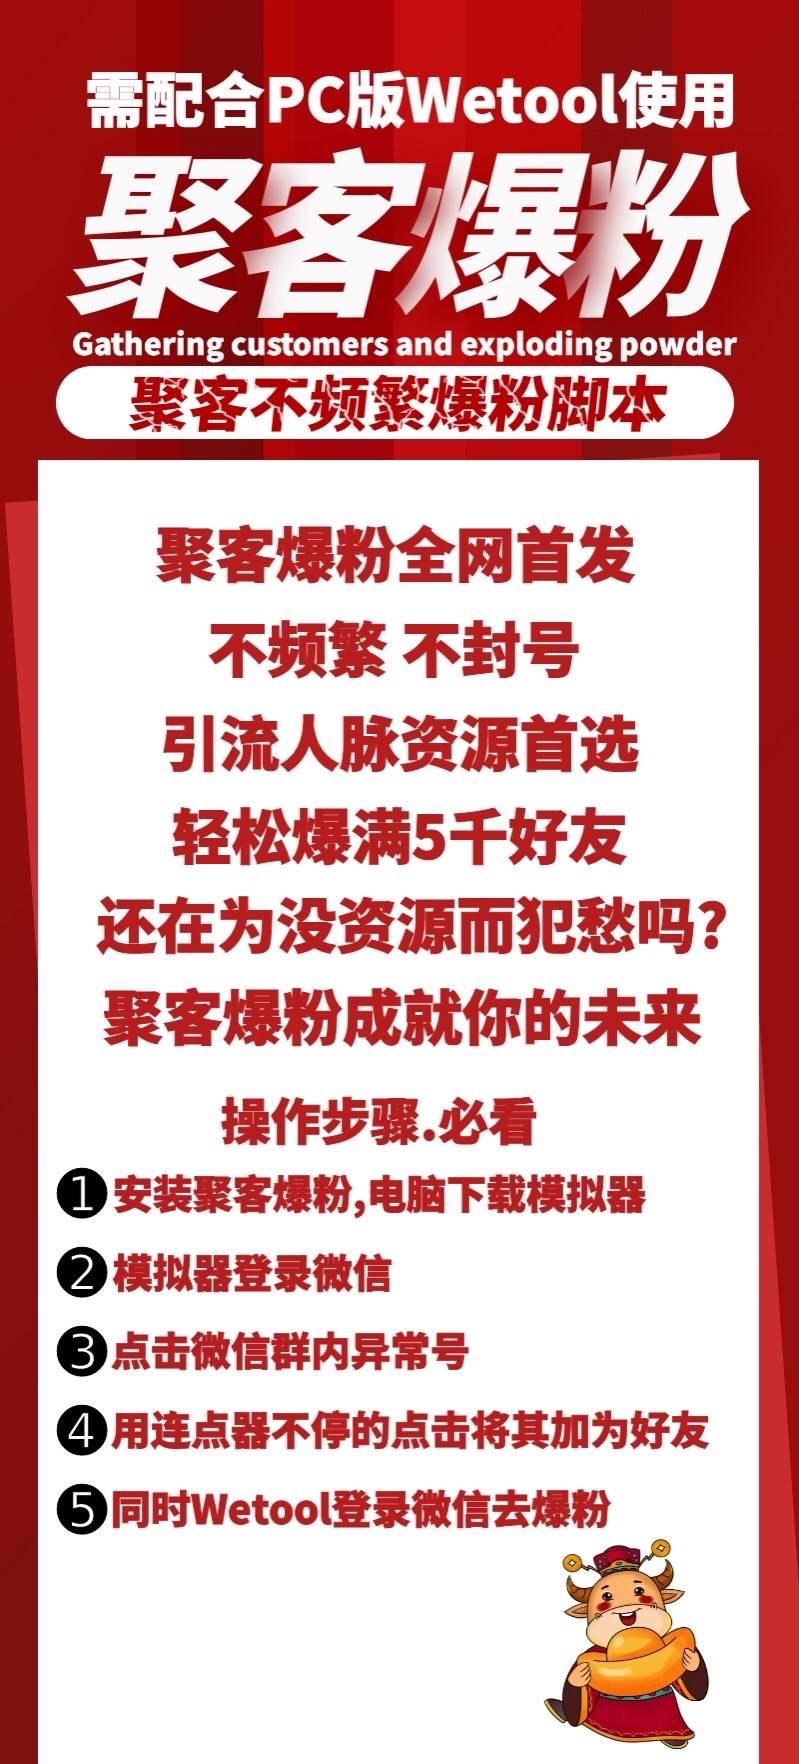 聚客PC爆粉-年卡授权